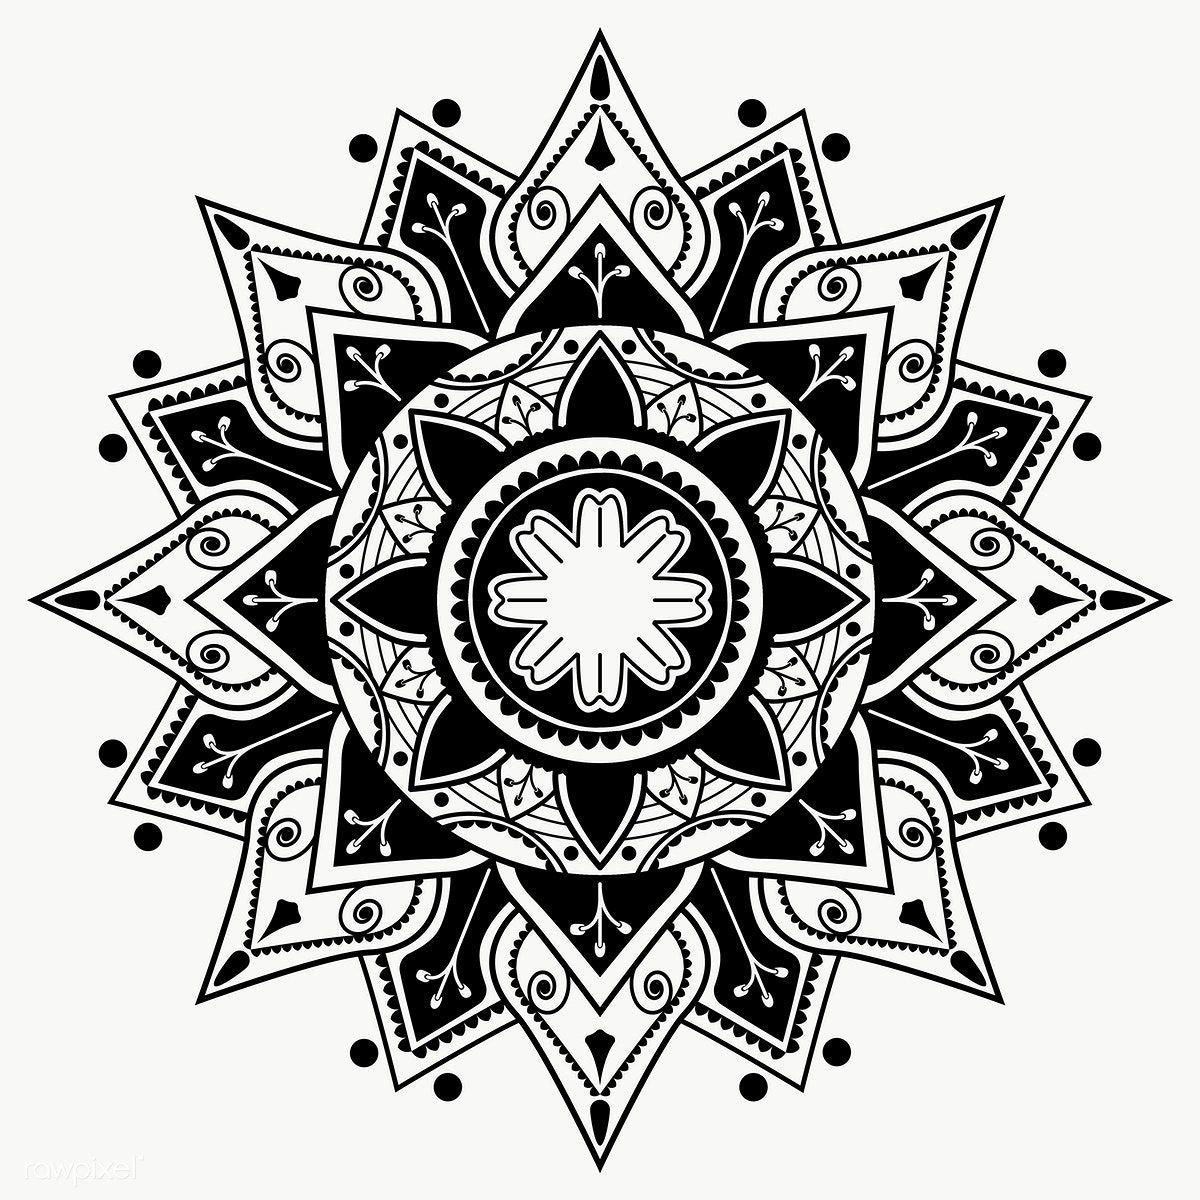 Pin By Tete Villarroel On Piola In 2020 Arabesque Pattern Pattern Design Mandala Pattern